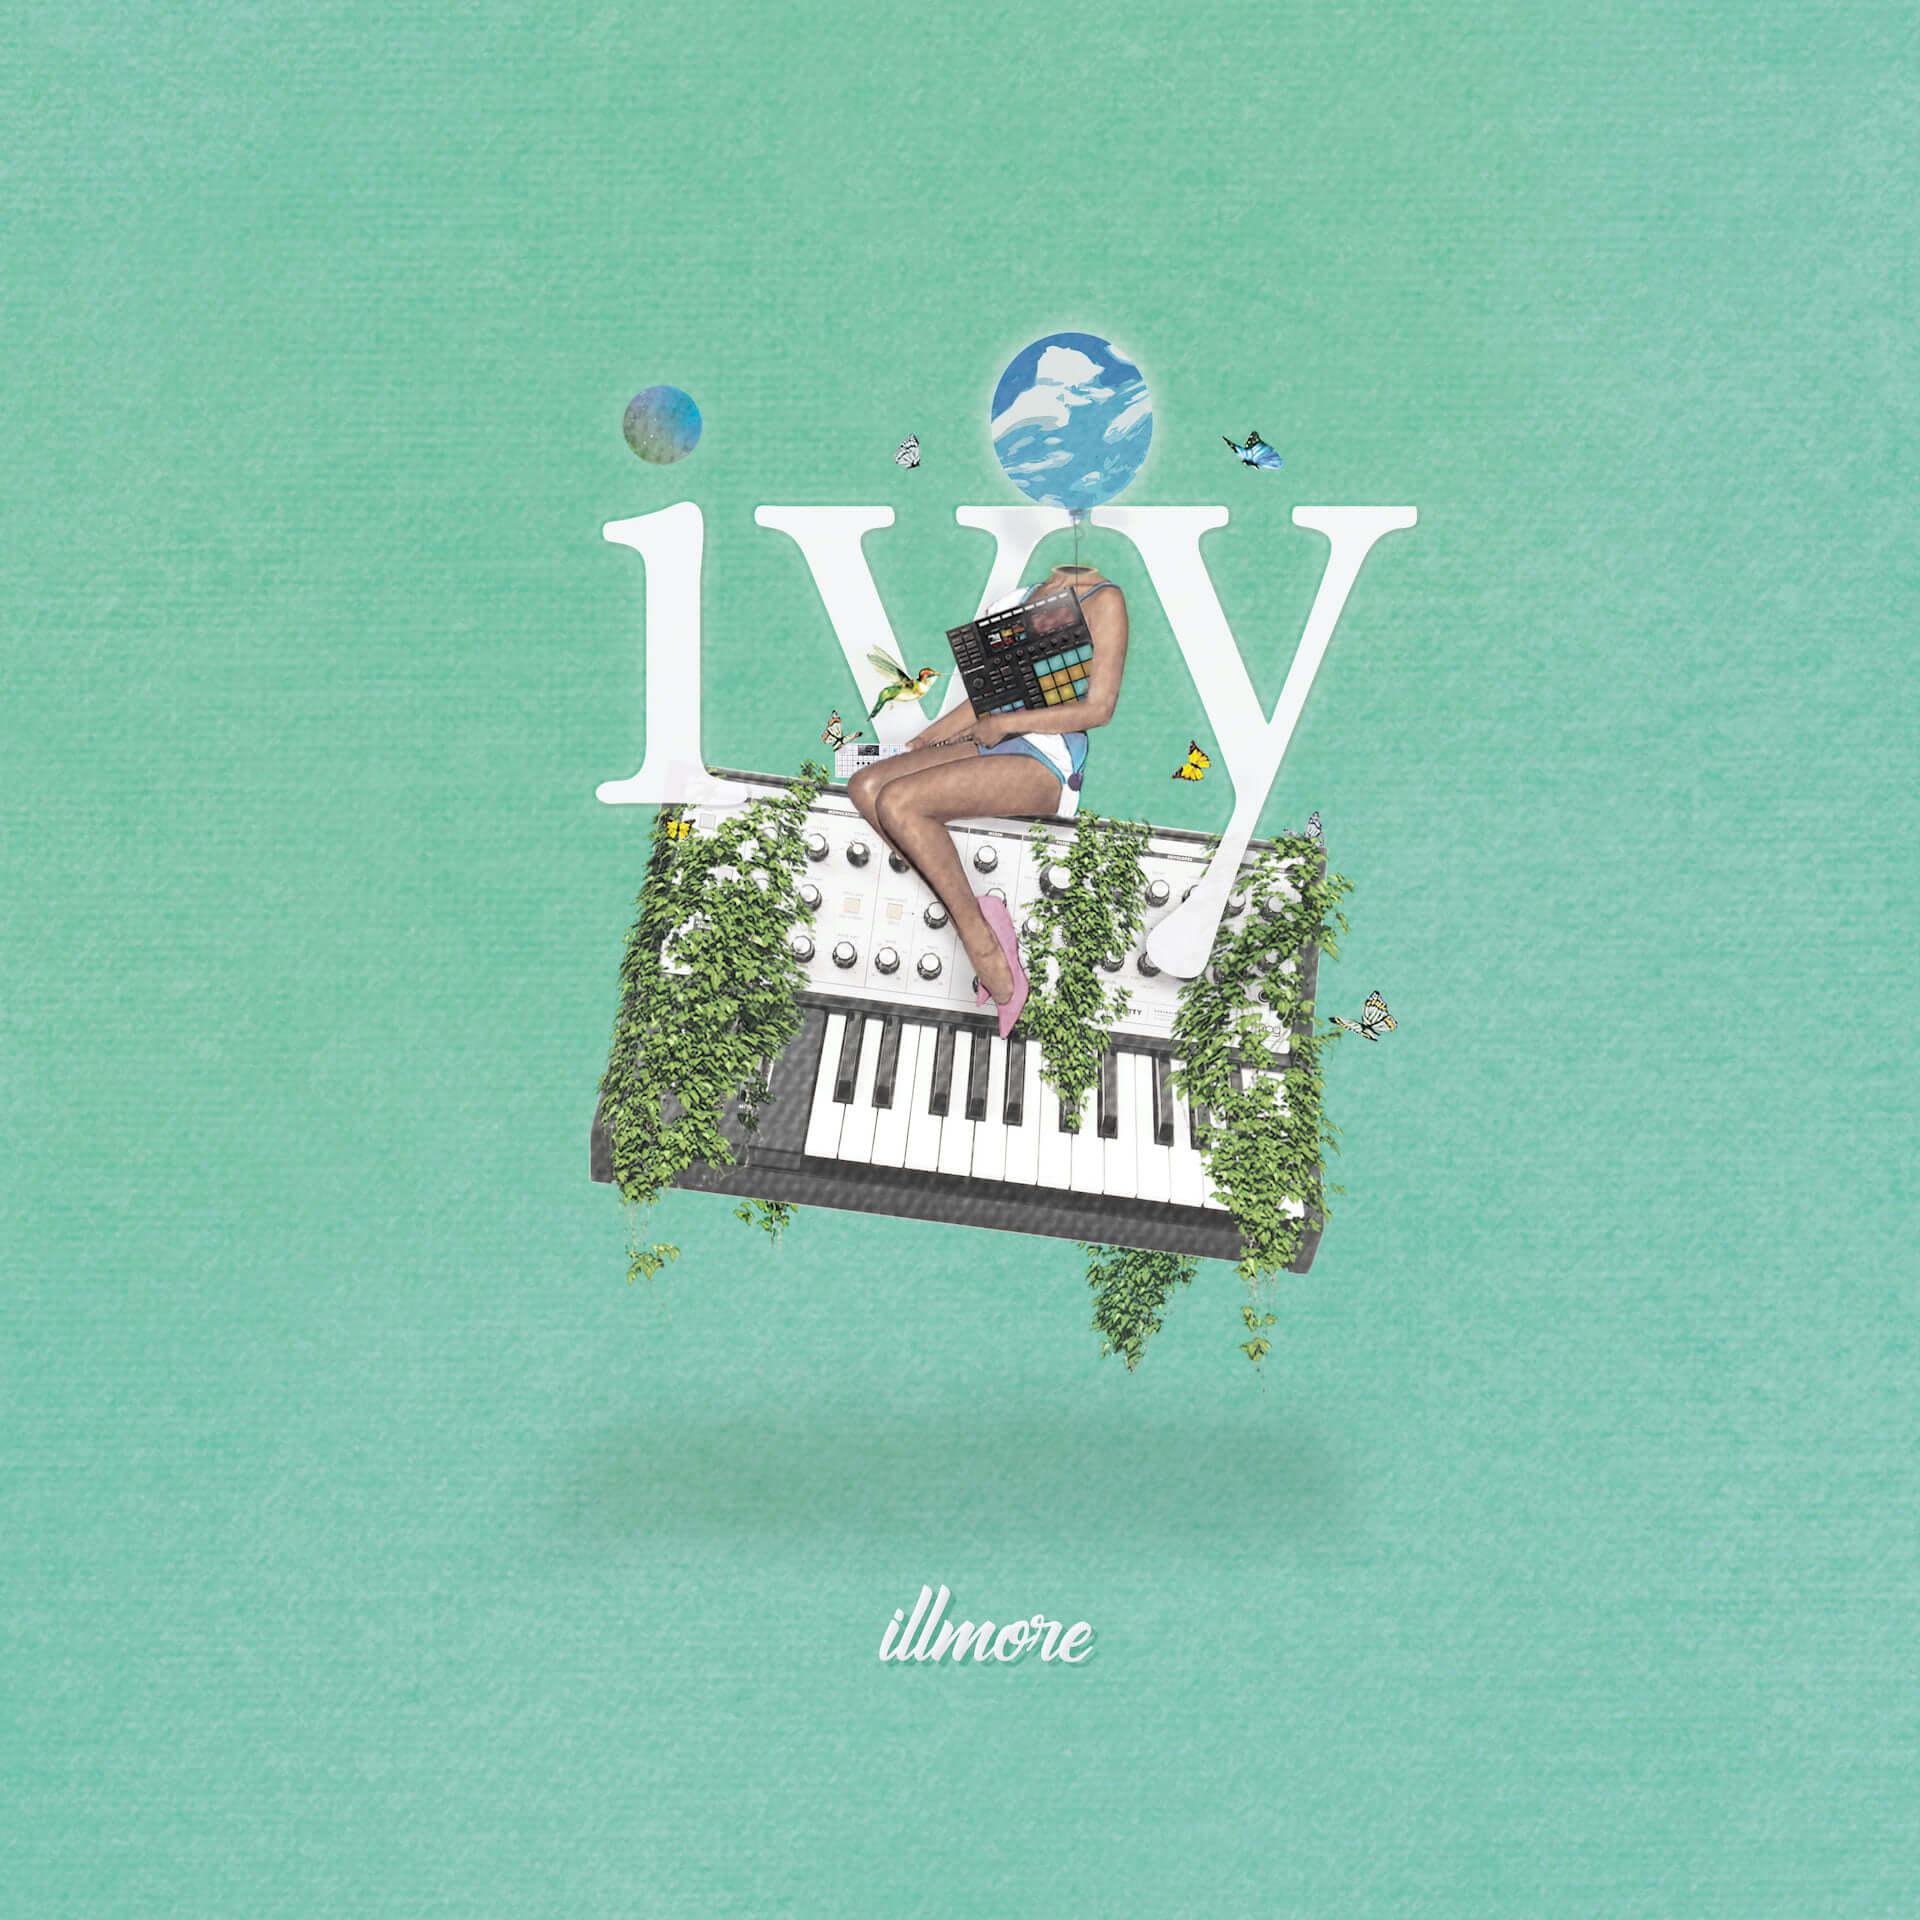 〈Chilly Source〉所属のillmoreが、1stアルバム『ivy』の全楽曲のインストを収録した『beats album』をリリース! music200525_illmore_02-1920x1920